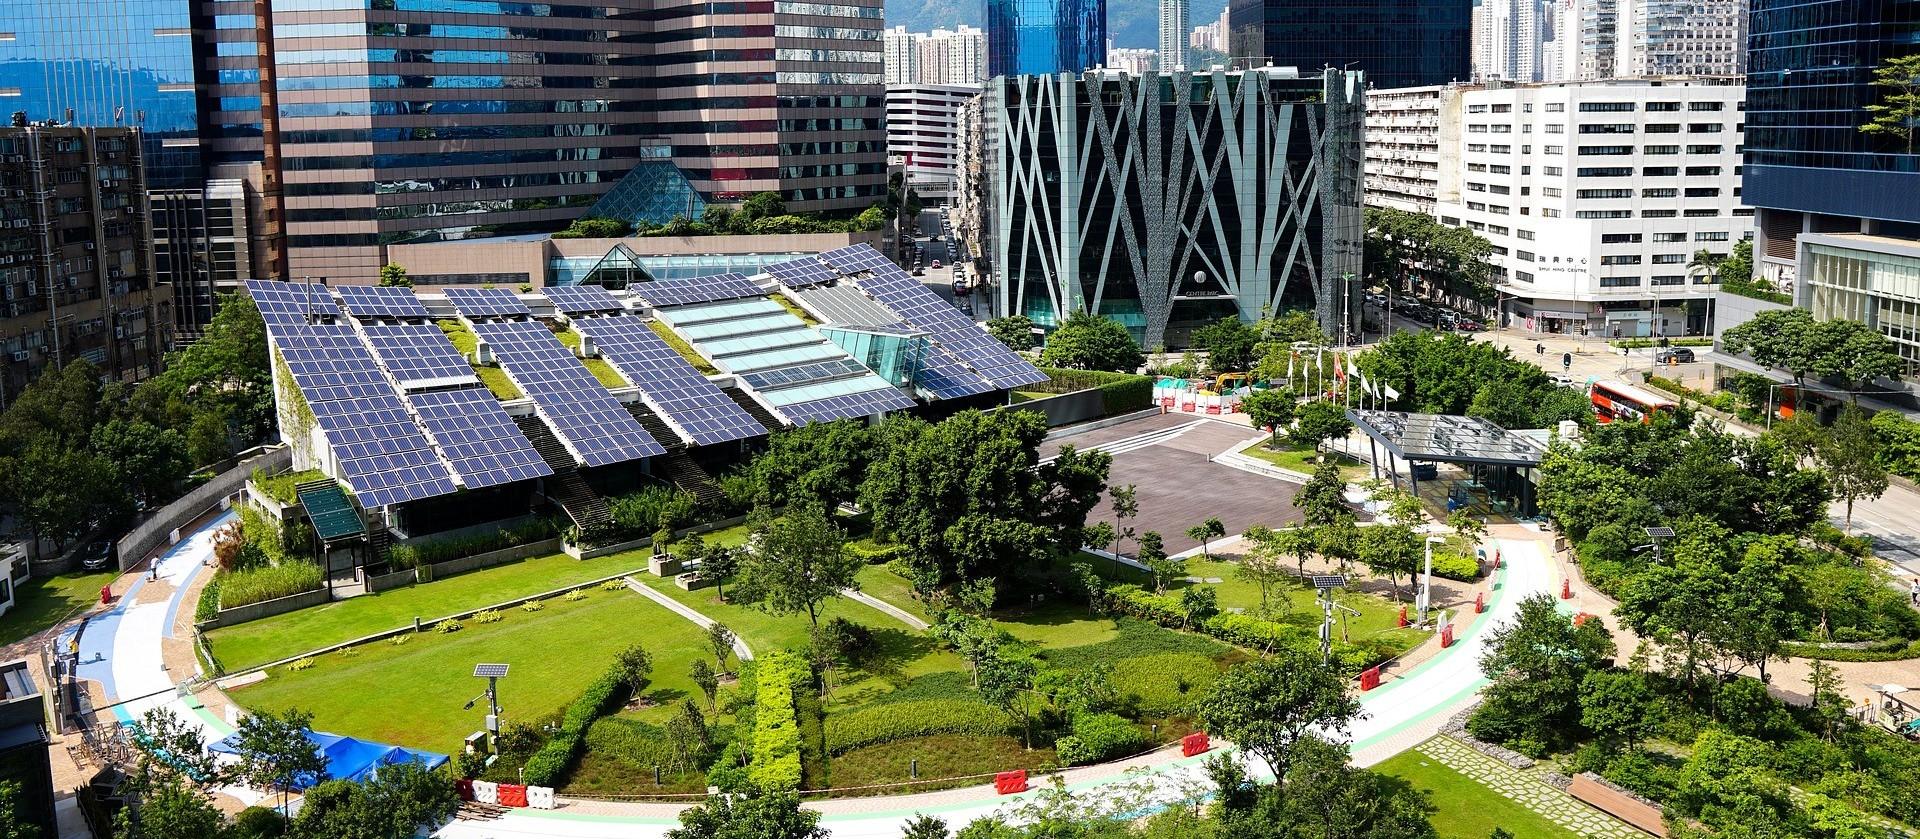 Cidades sustentáveis: Decisões de hoje vão determinar como as pessoas viverão nos próximos anos